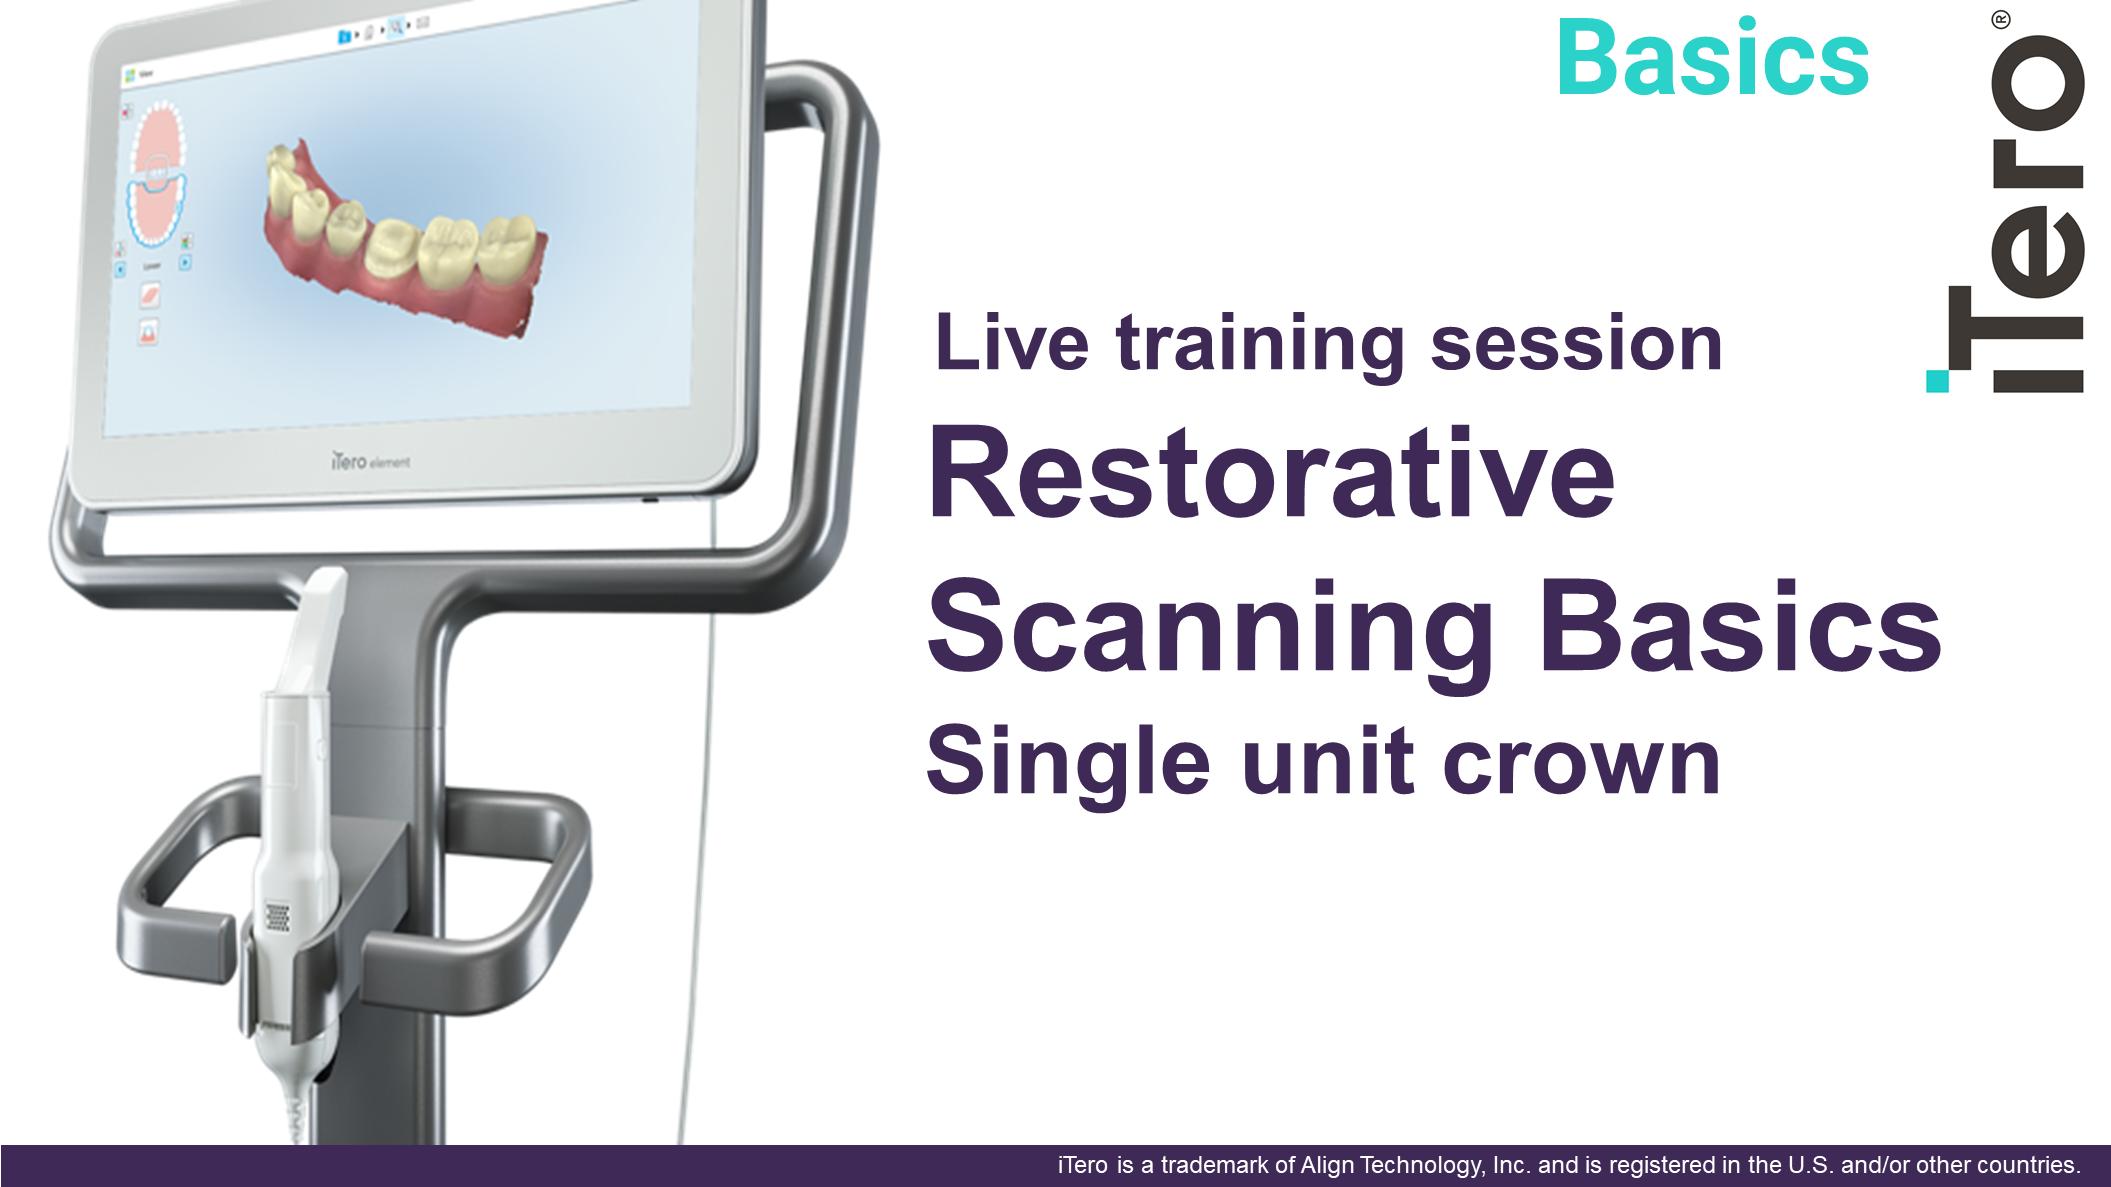 Restorative Scanning Basics 12pmEDT(11amCT/10amMT/9amPT)